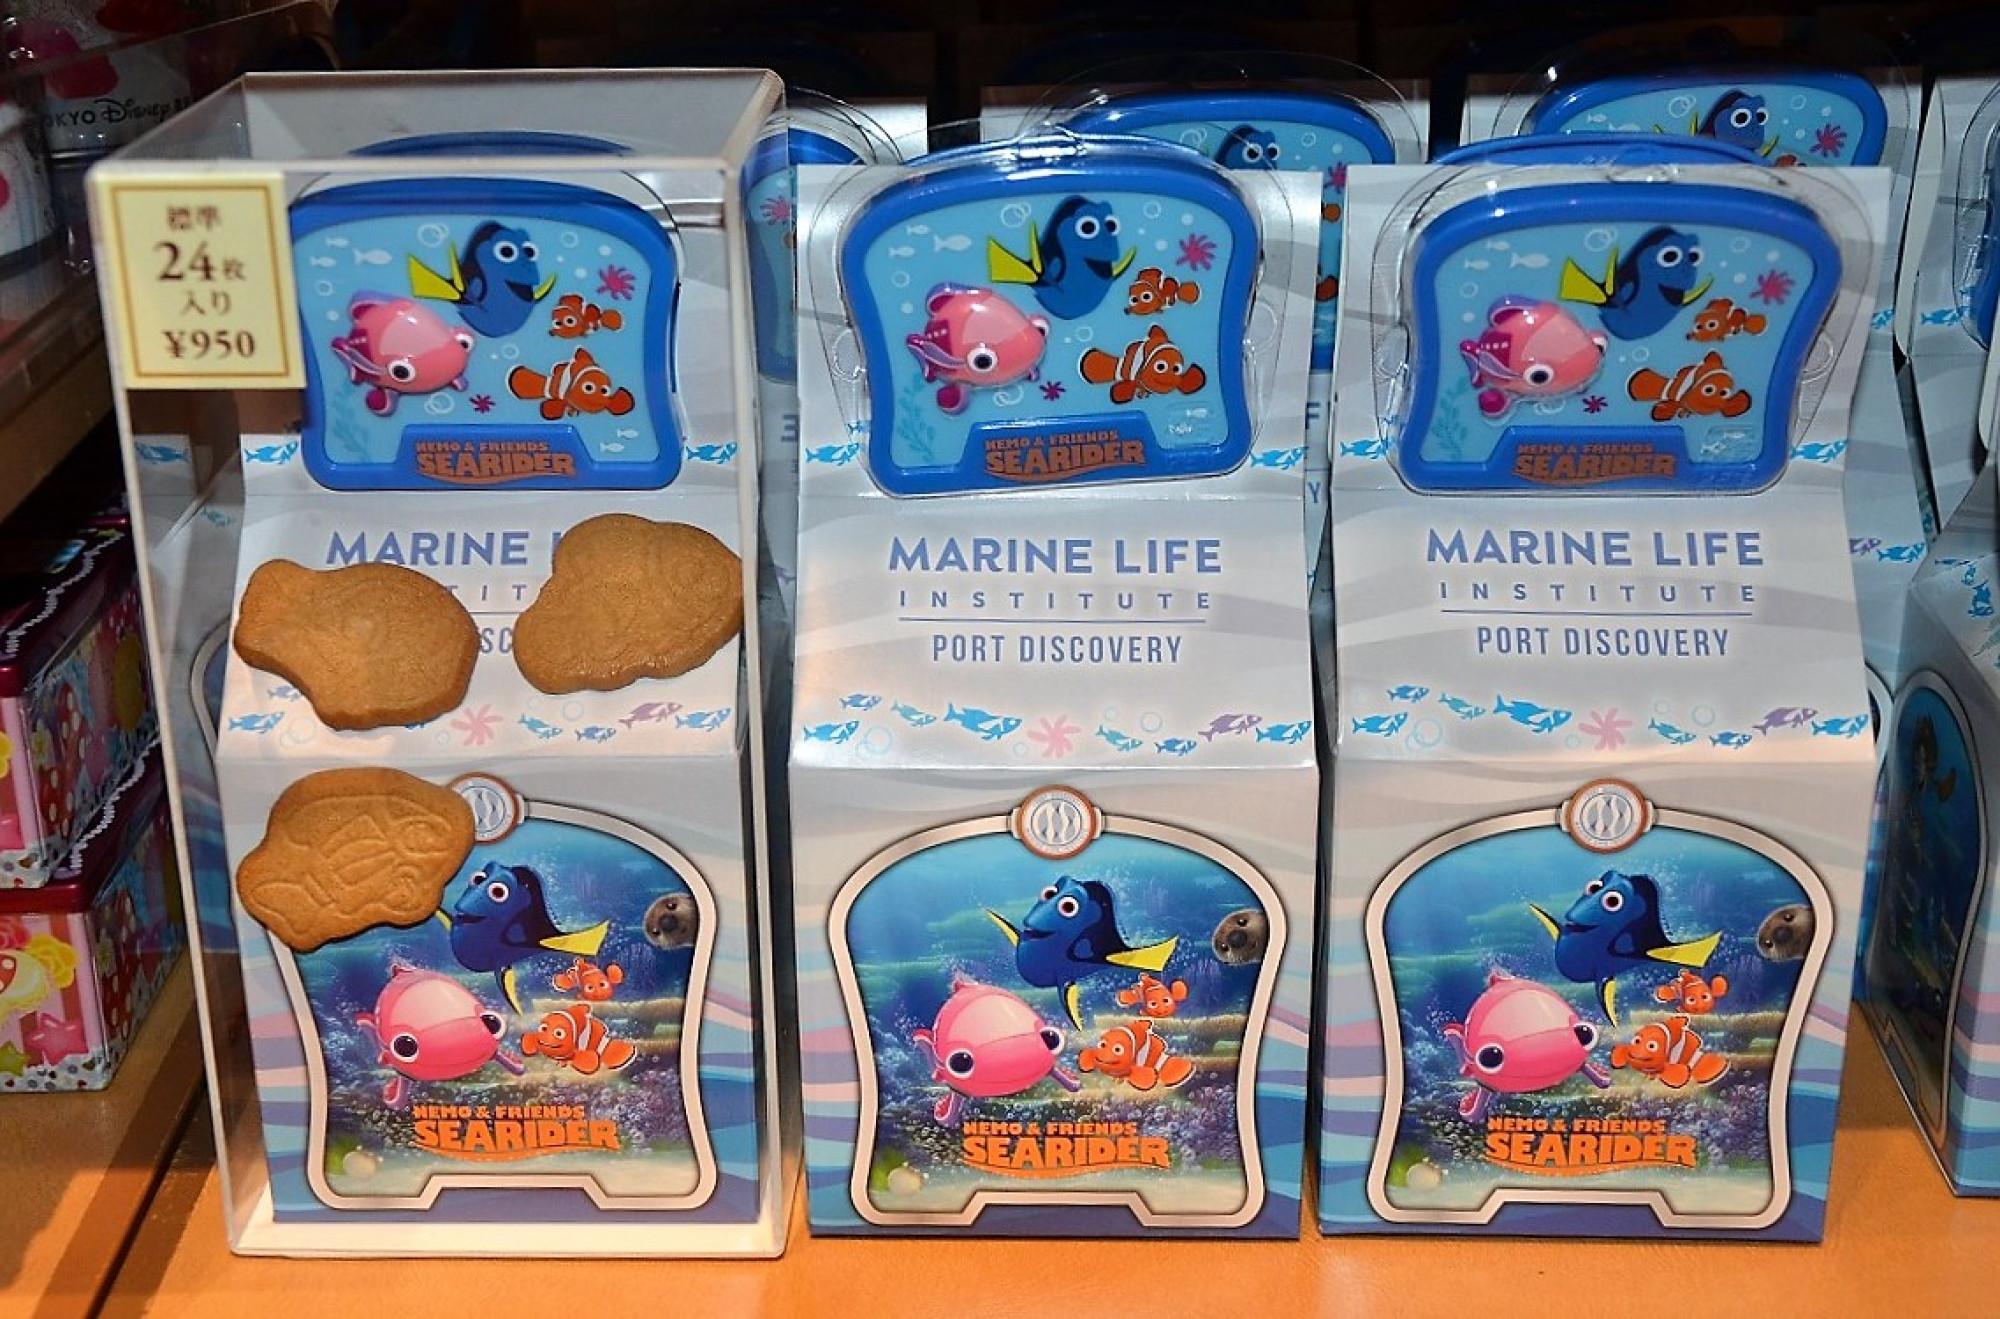 ニモ&フレンズ・シーライダーのクッキー